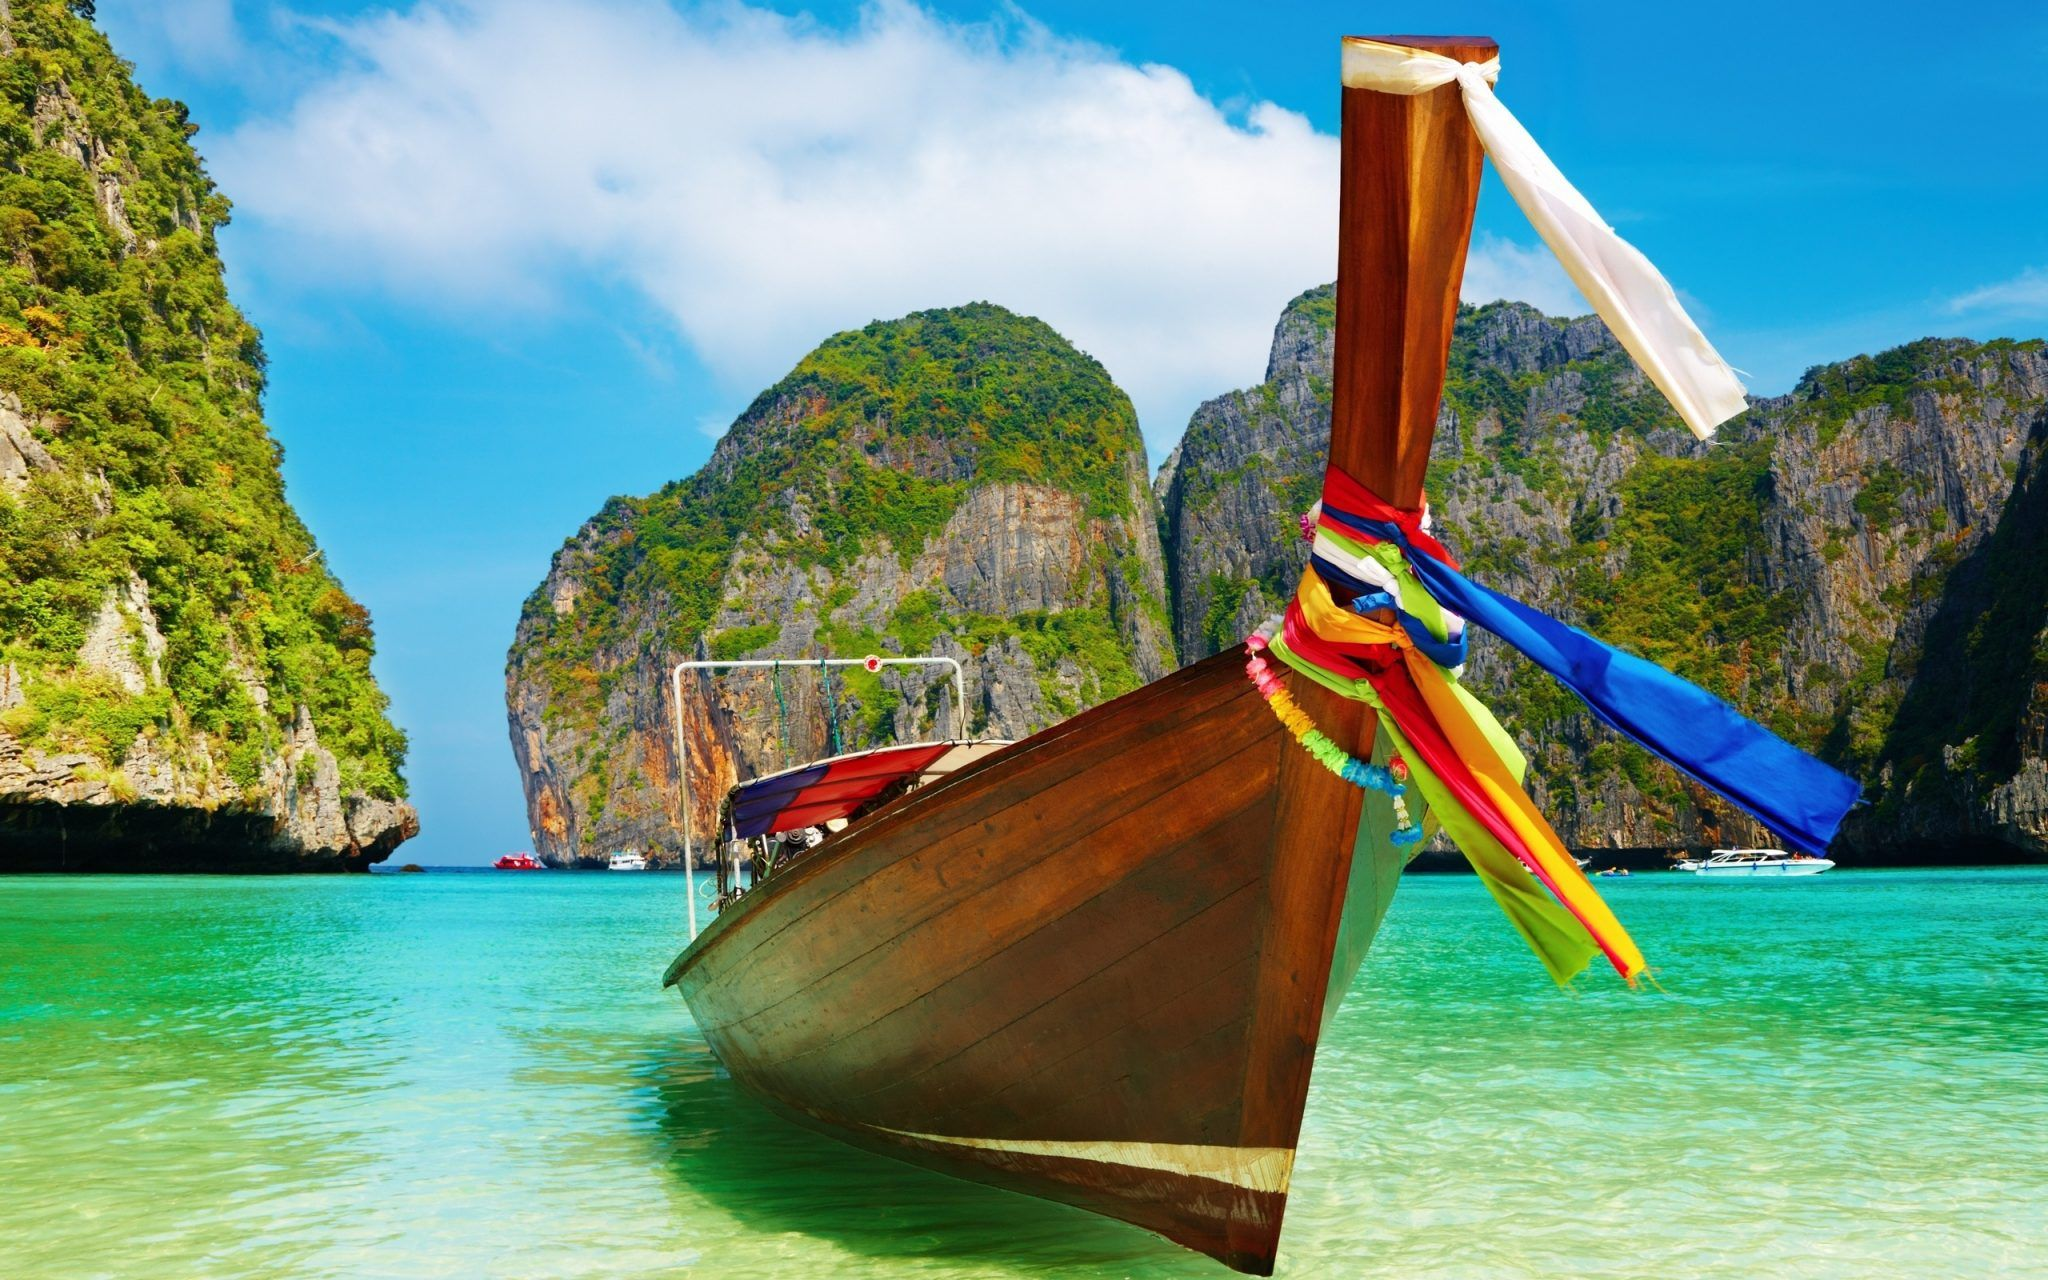 Summer Full Hd 1080p Desktop Wallpapers Summer Wallpaper Beach